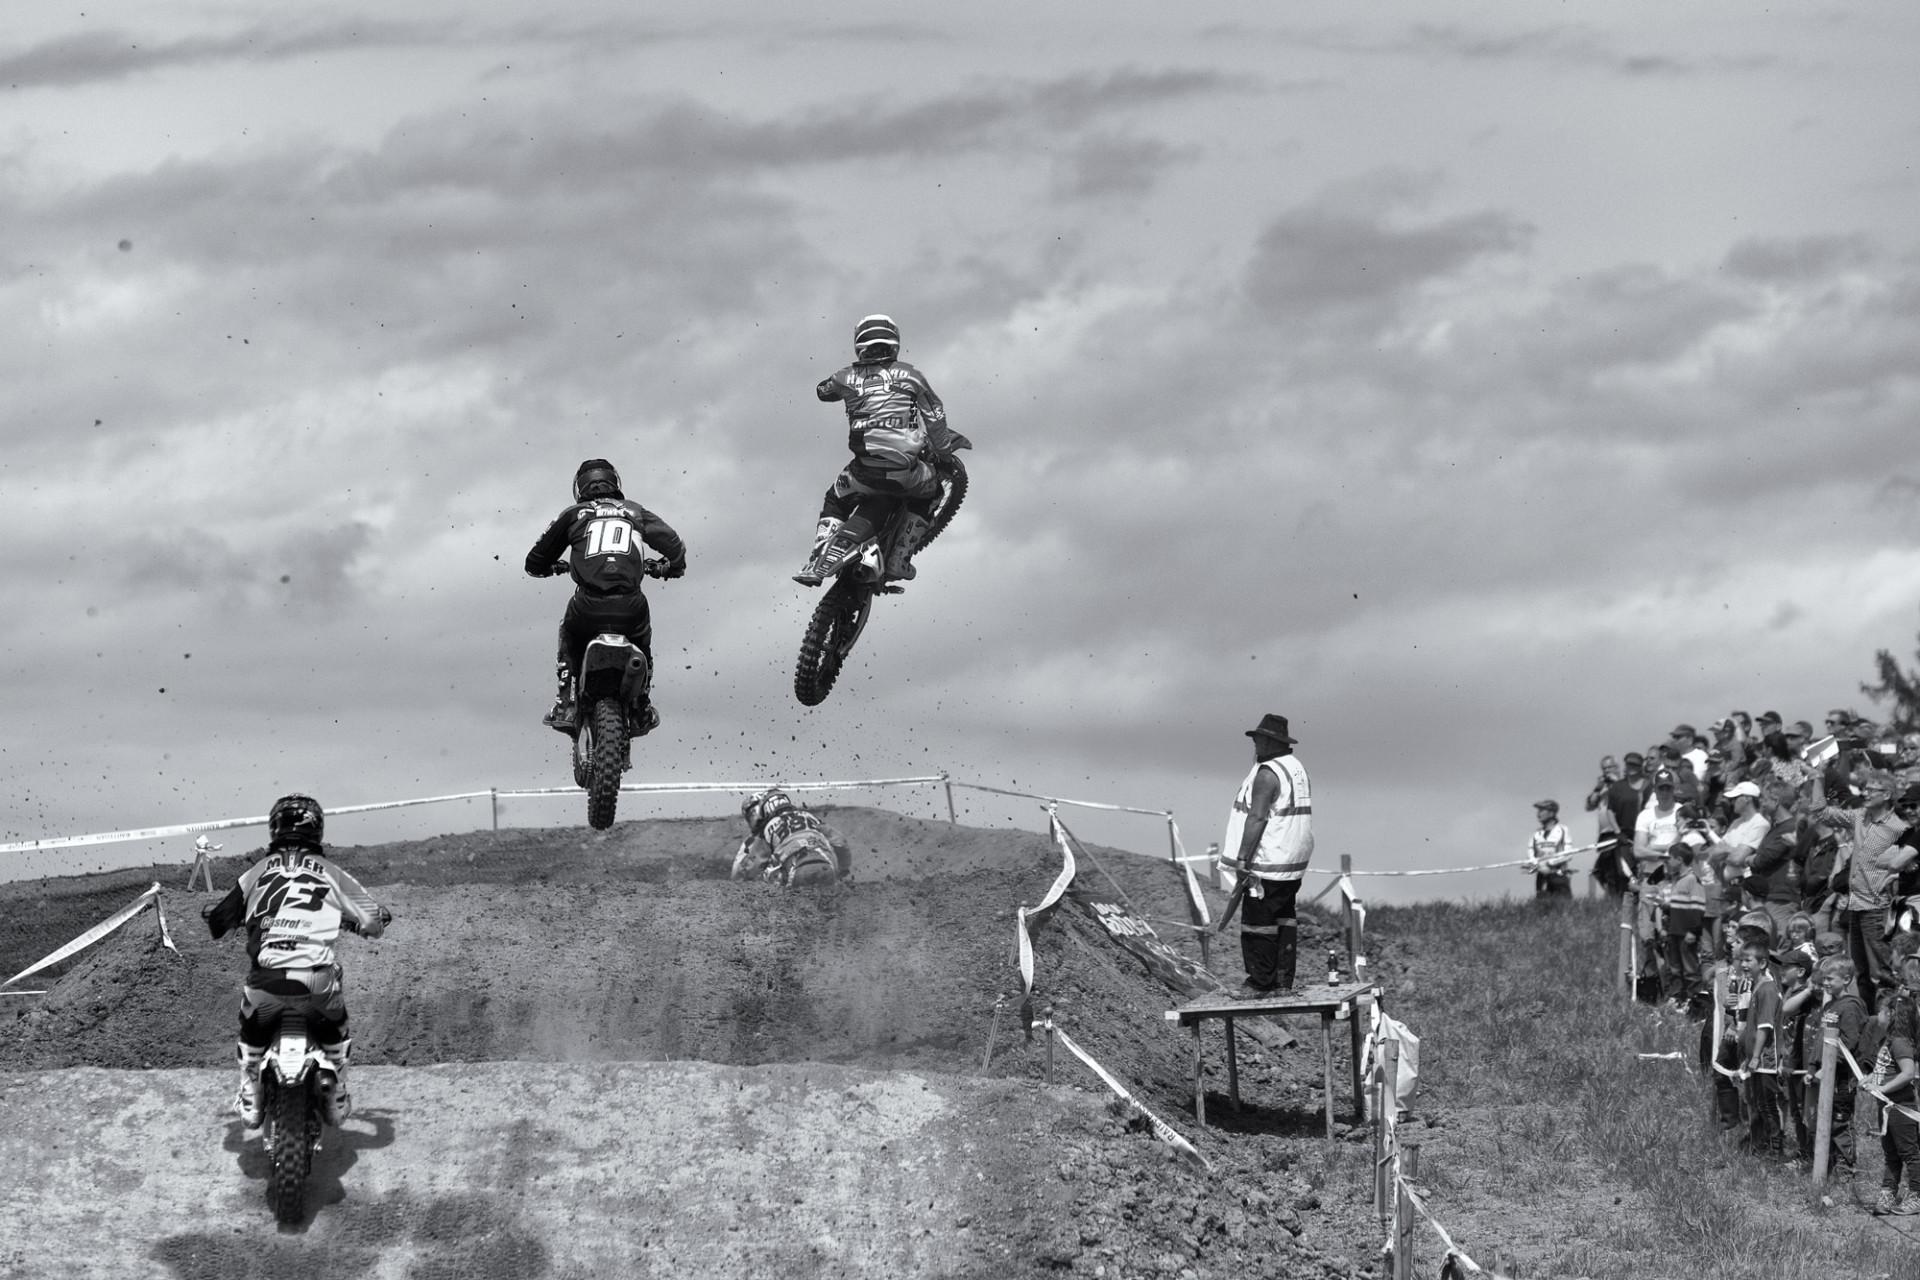 Motocross-Schlatt_20150426_0963-web